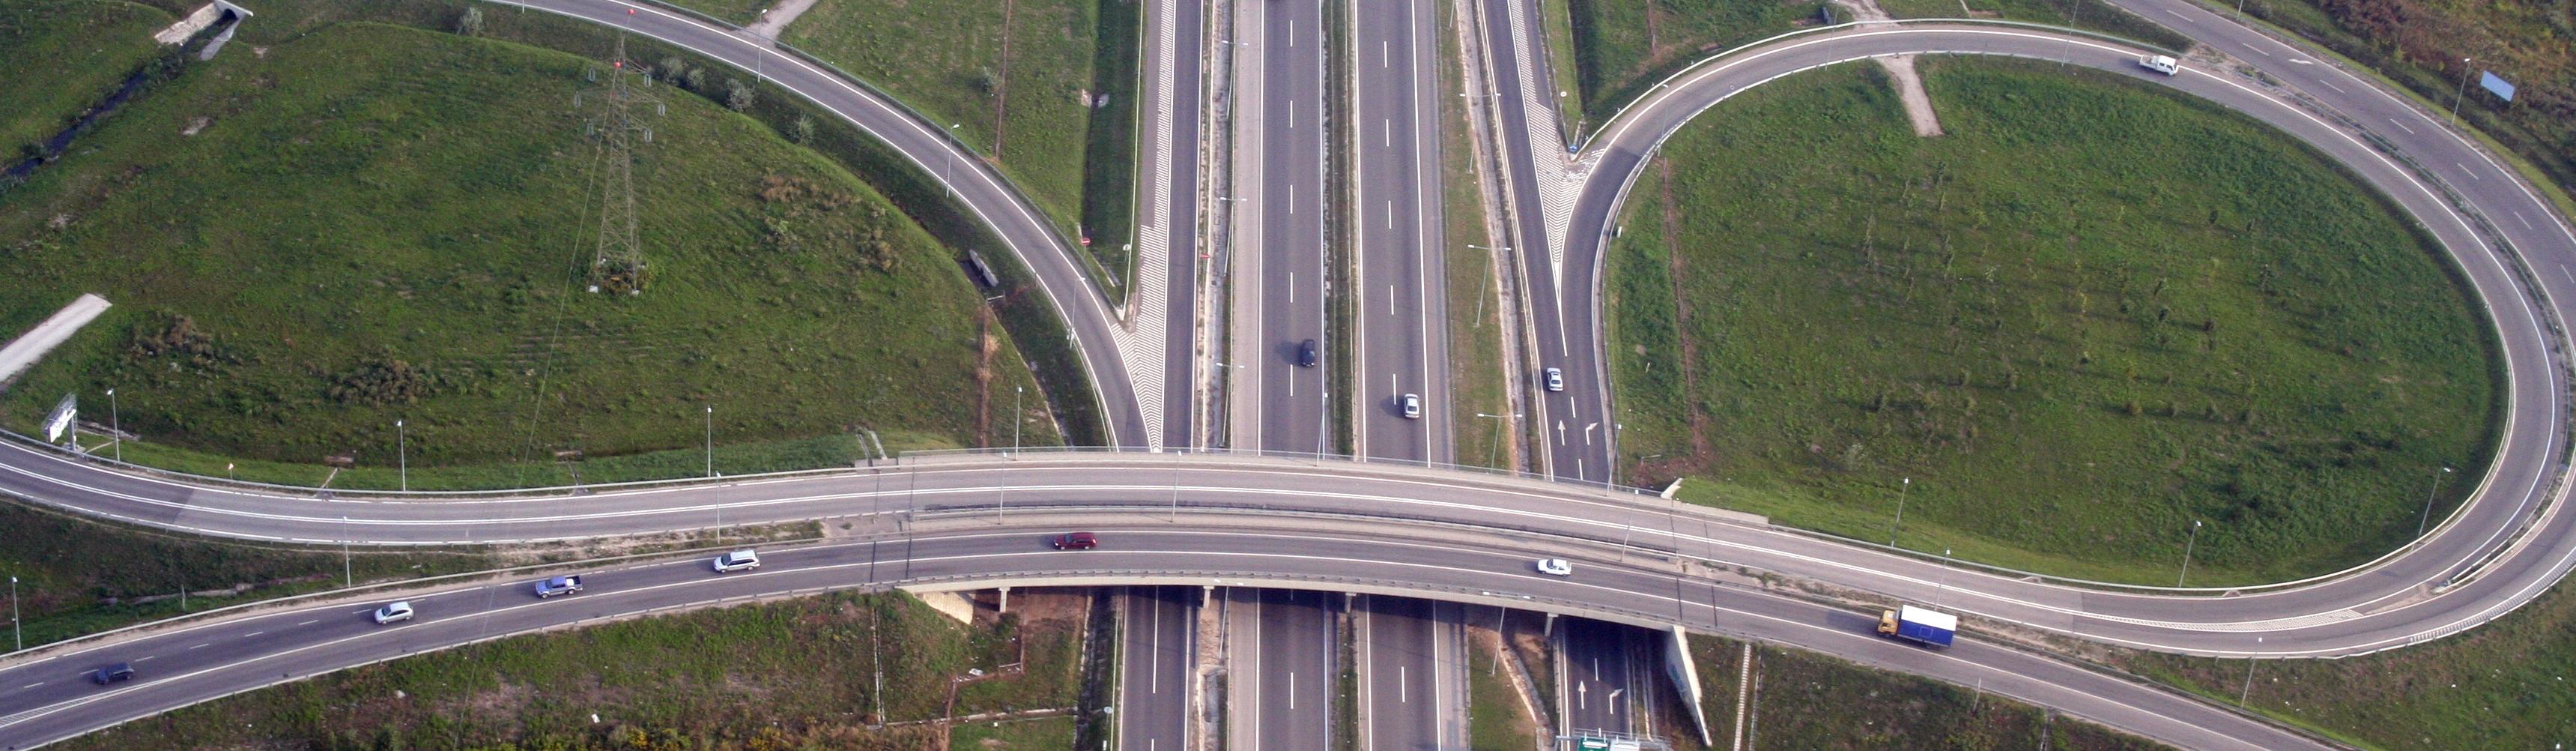 Biztonságos közlekedés autópályákon